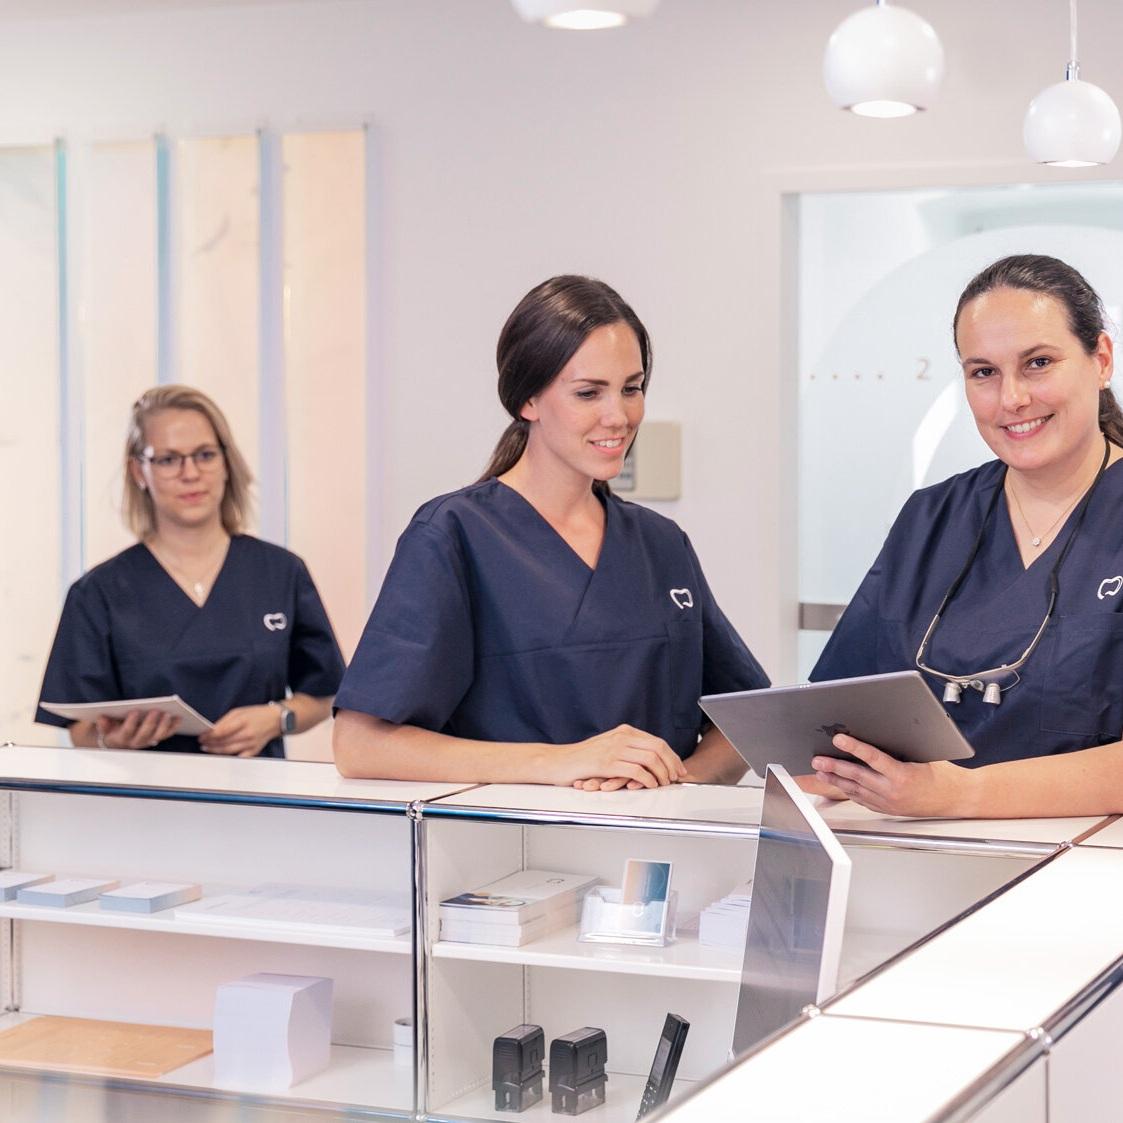 Zahnarzt-Praxis-Doerthe-Fischer-Wuerzburg-moderne-zahnheilkunde-aesthetik-ganzheitlich-gesund-lachen-0844-2.jpg